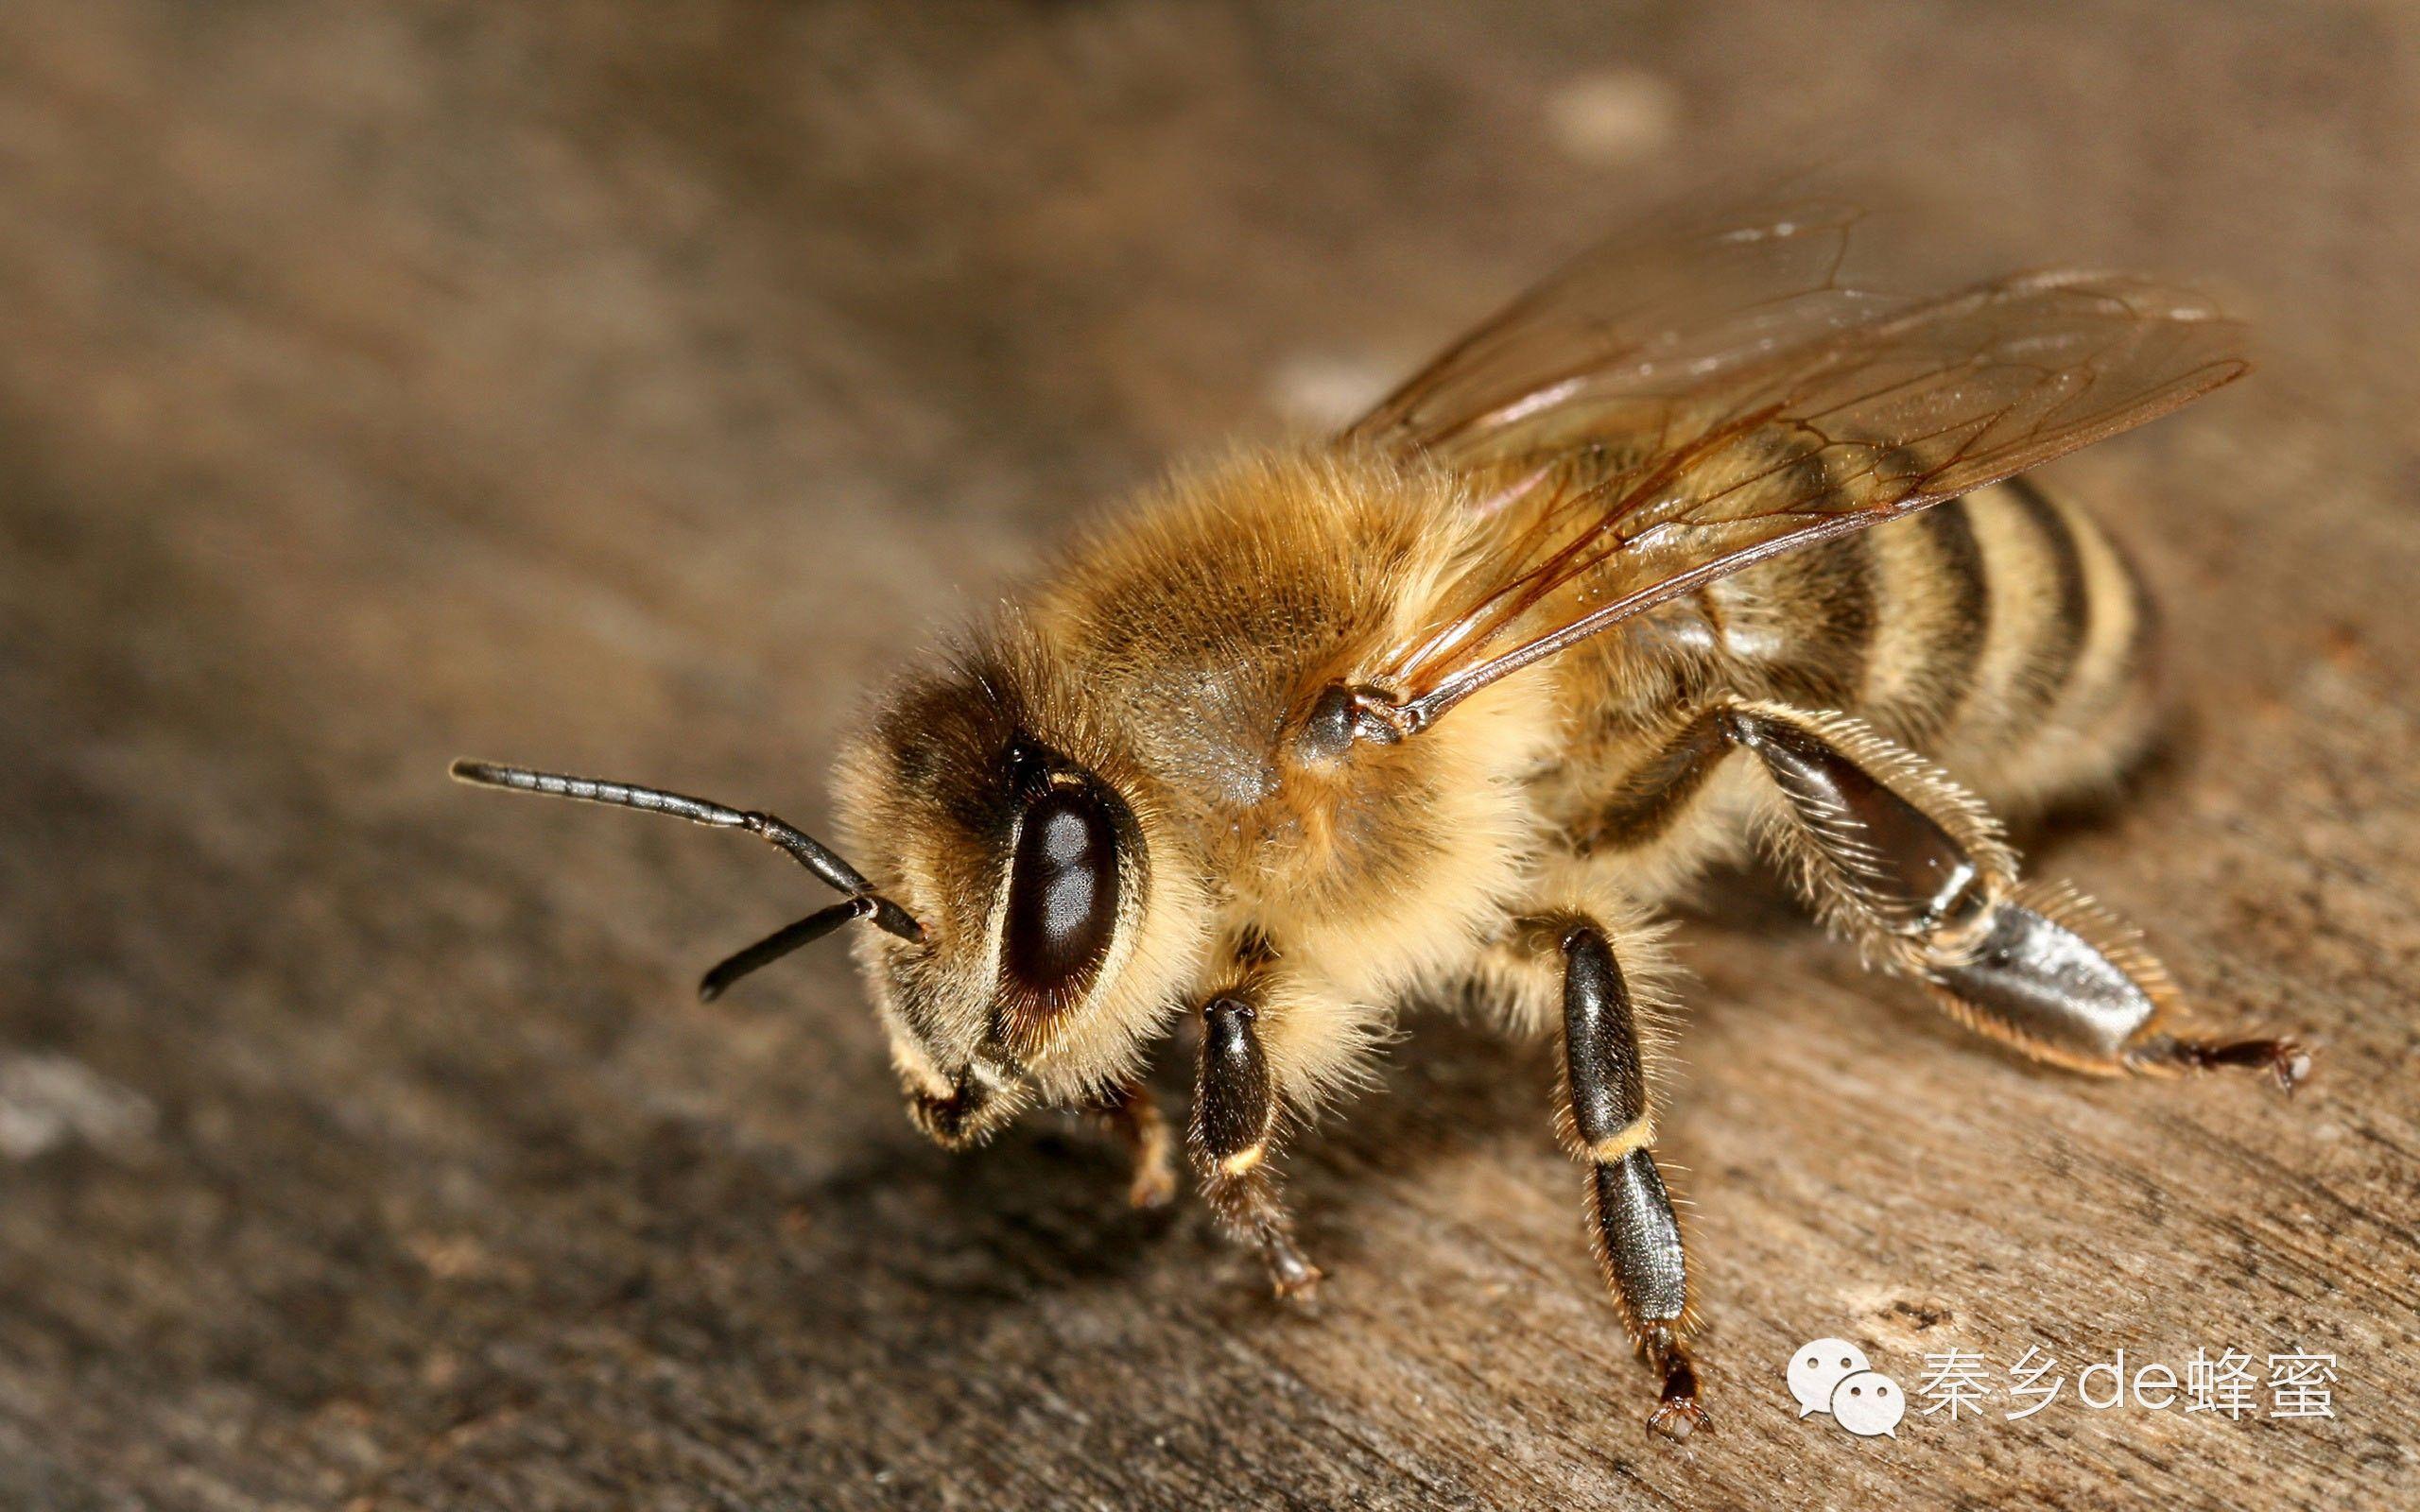 保护 有机蜂蜜 蜂蜜那个牌子好 孕妇喝蜂蜜水好吗 副作用